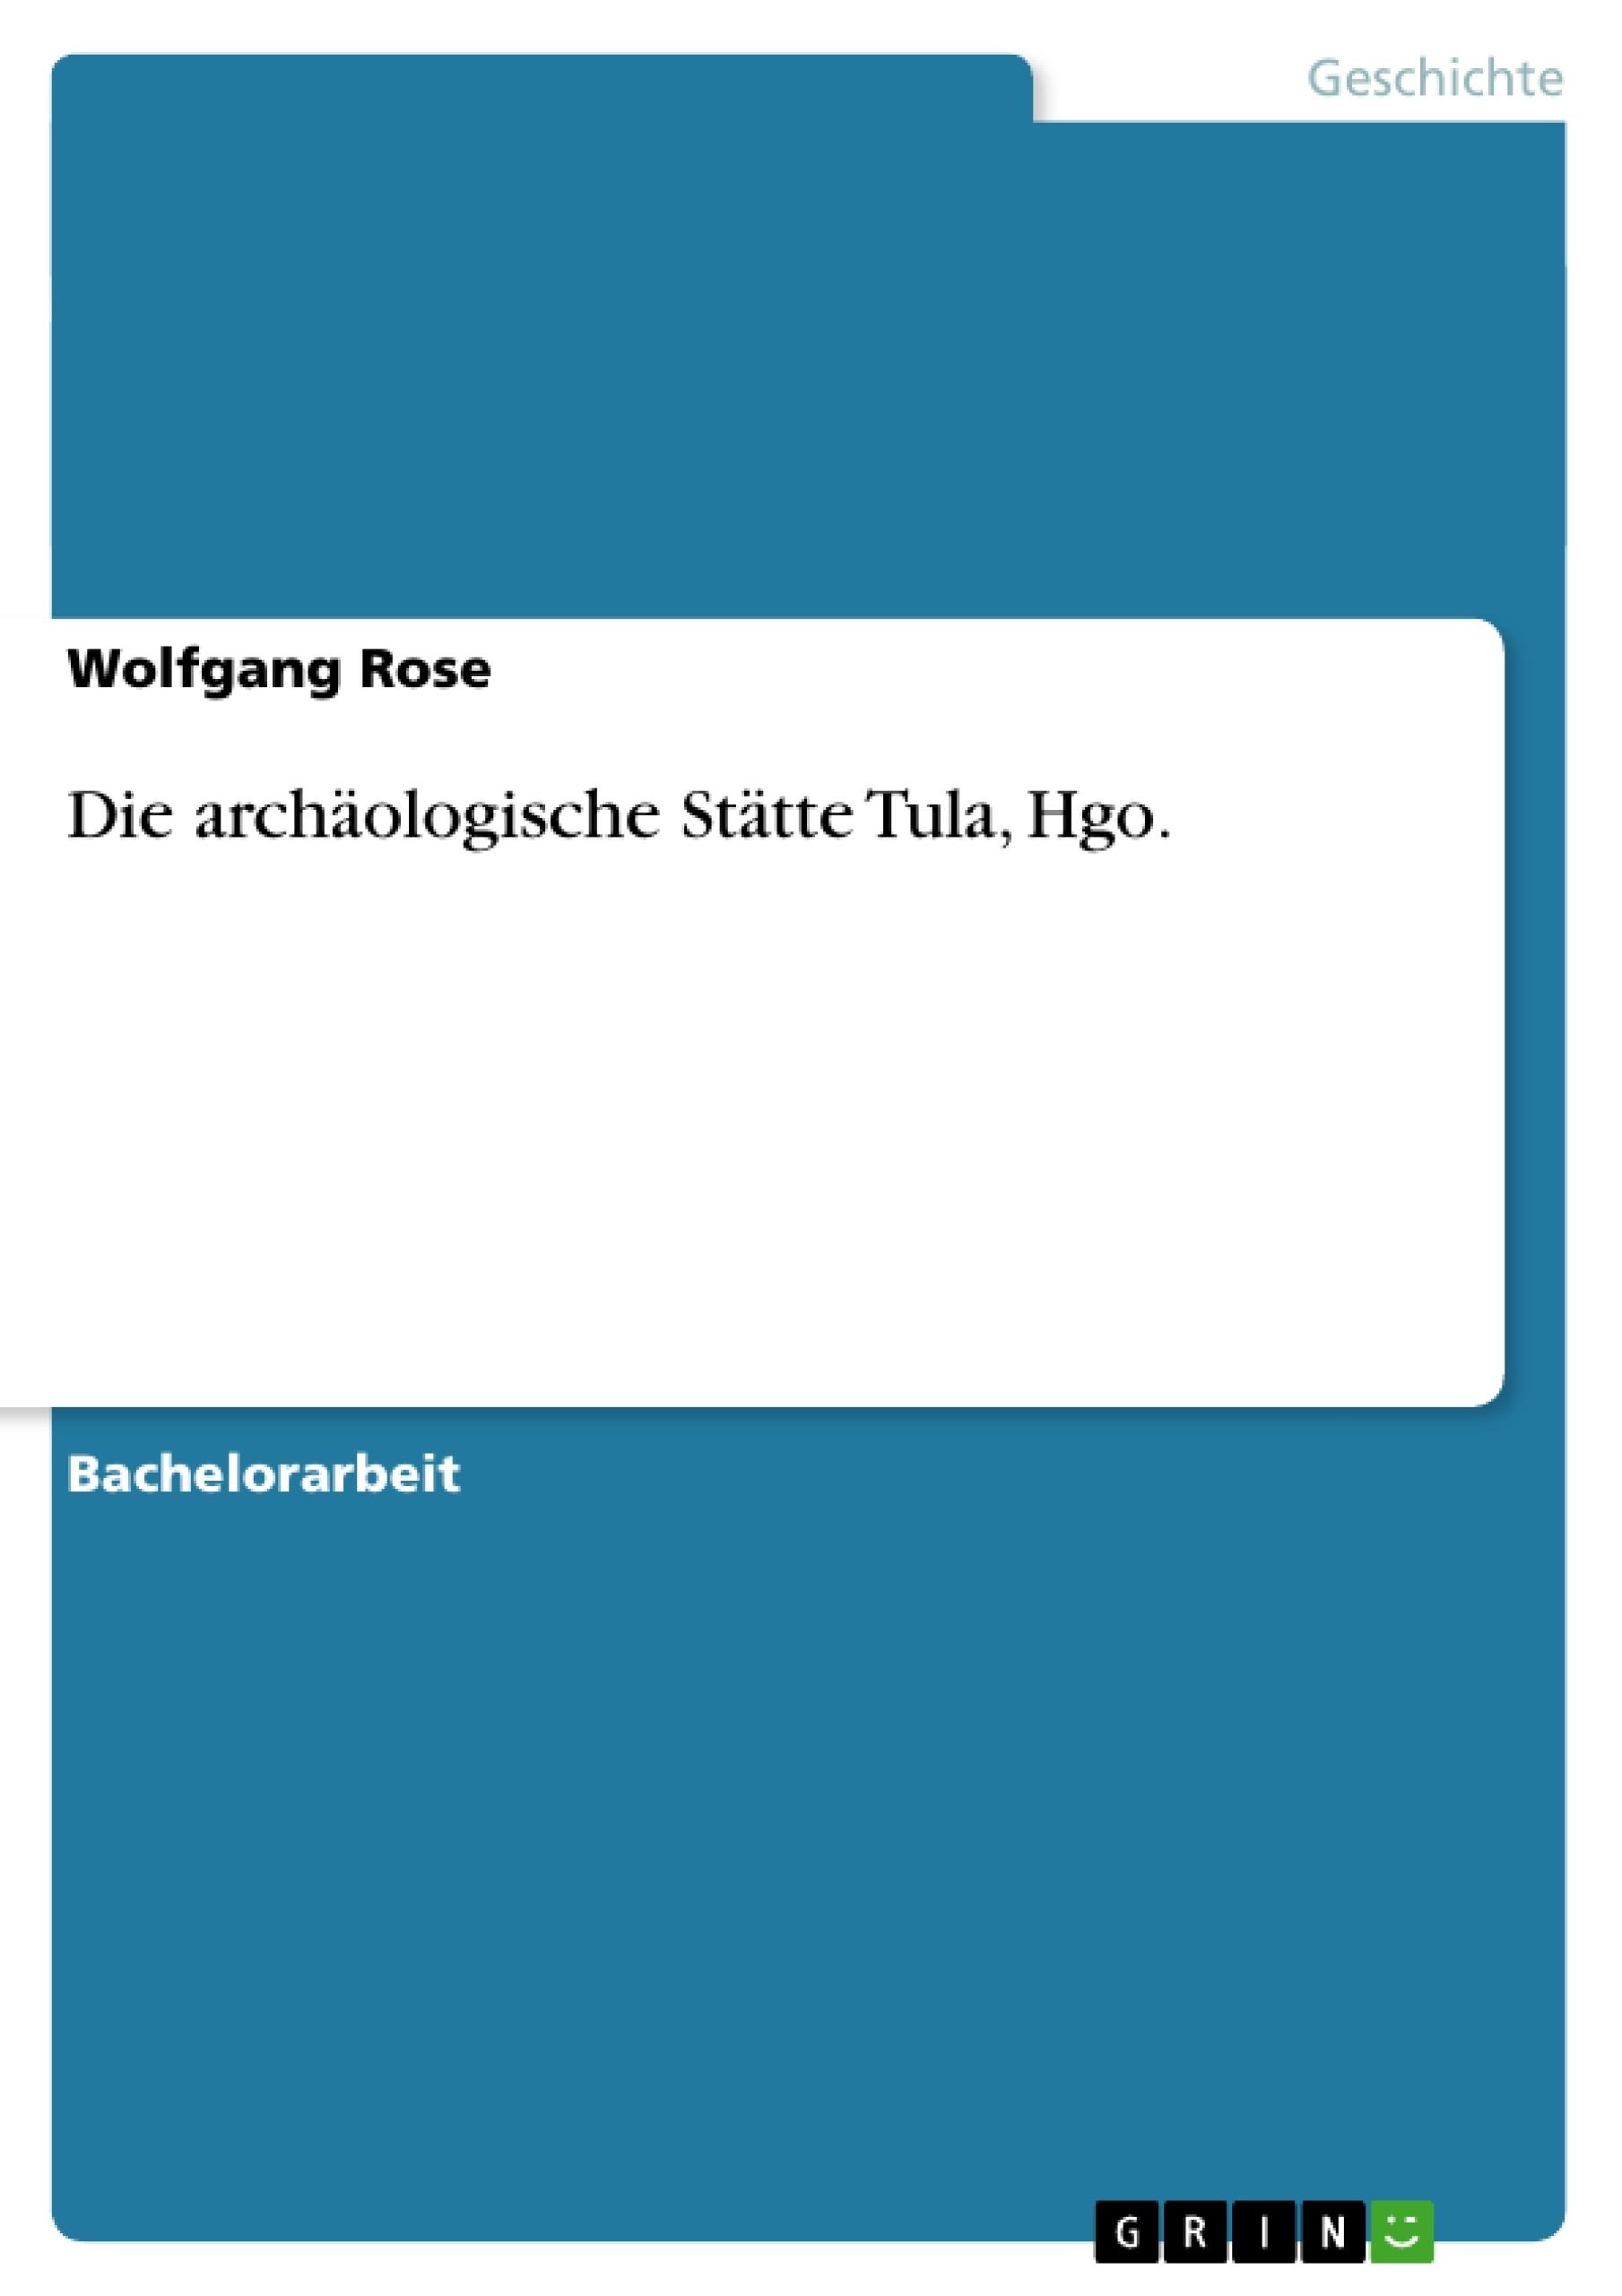 Titel: Die archäologische Stätte Tula, Hgo.